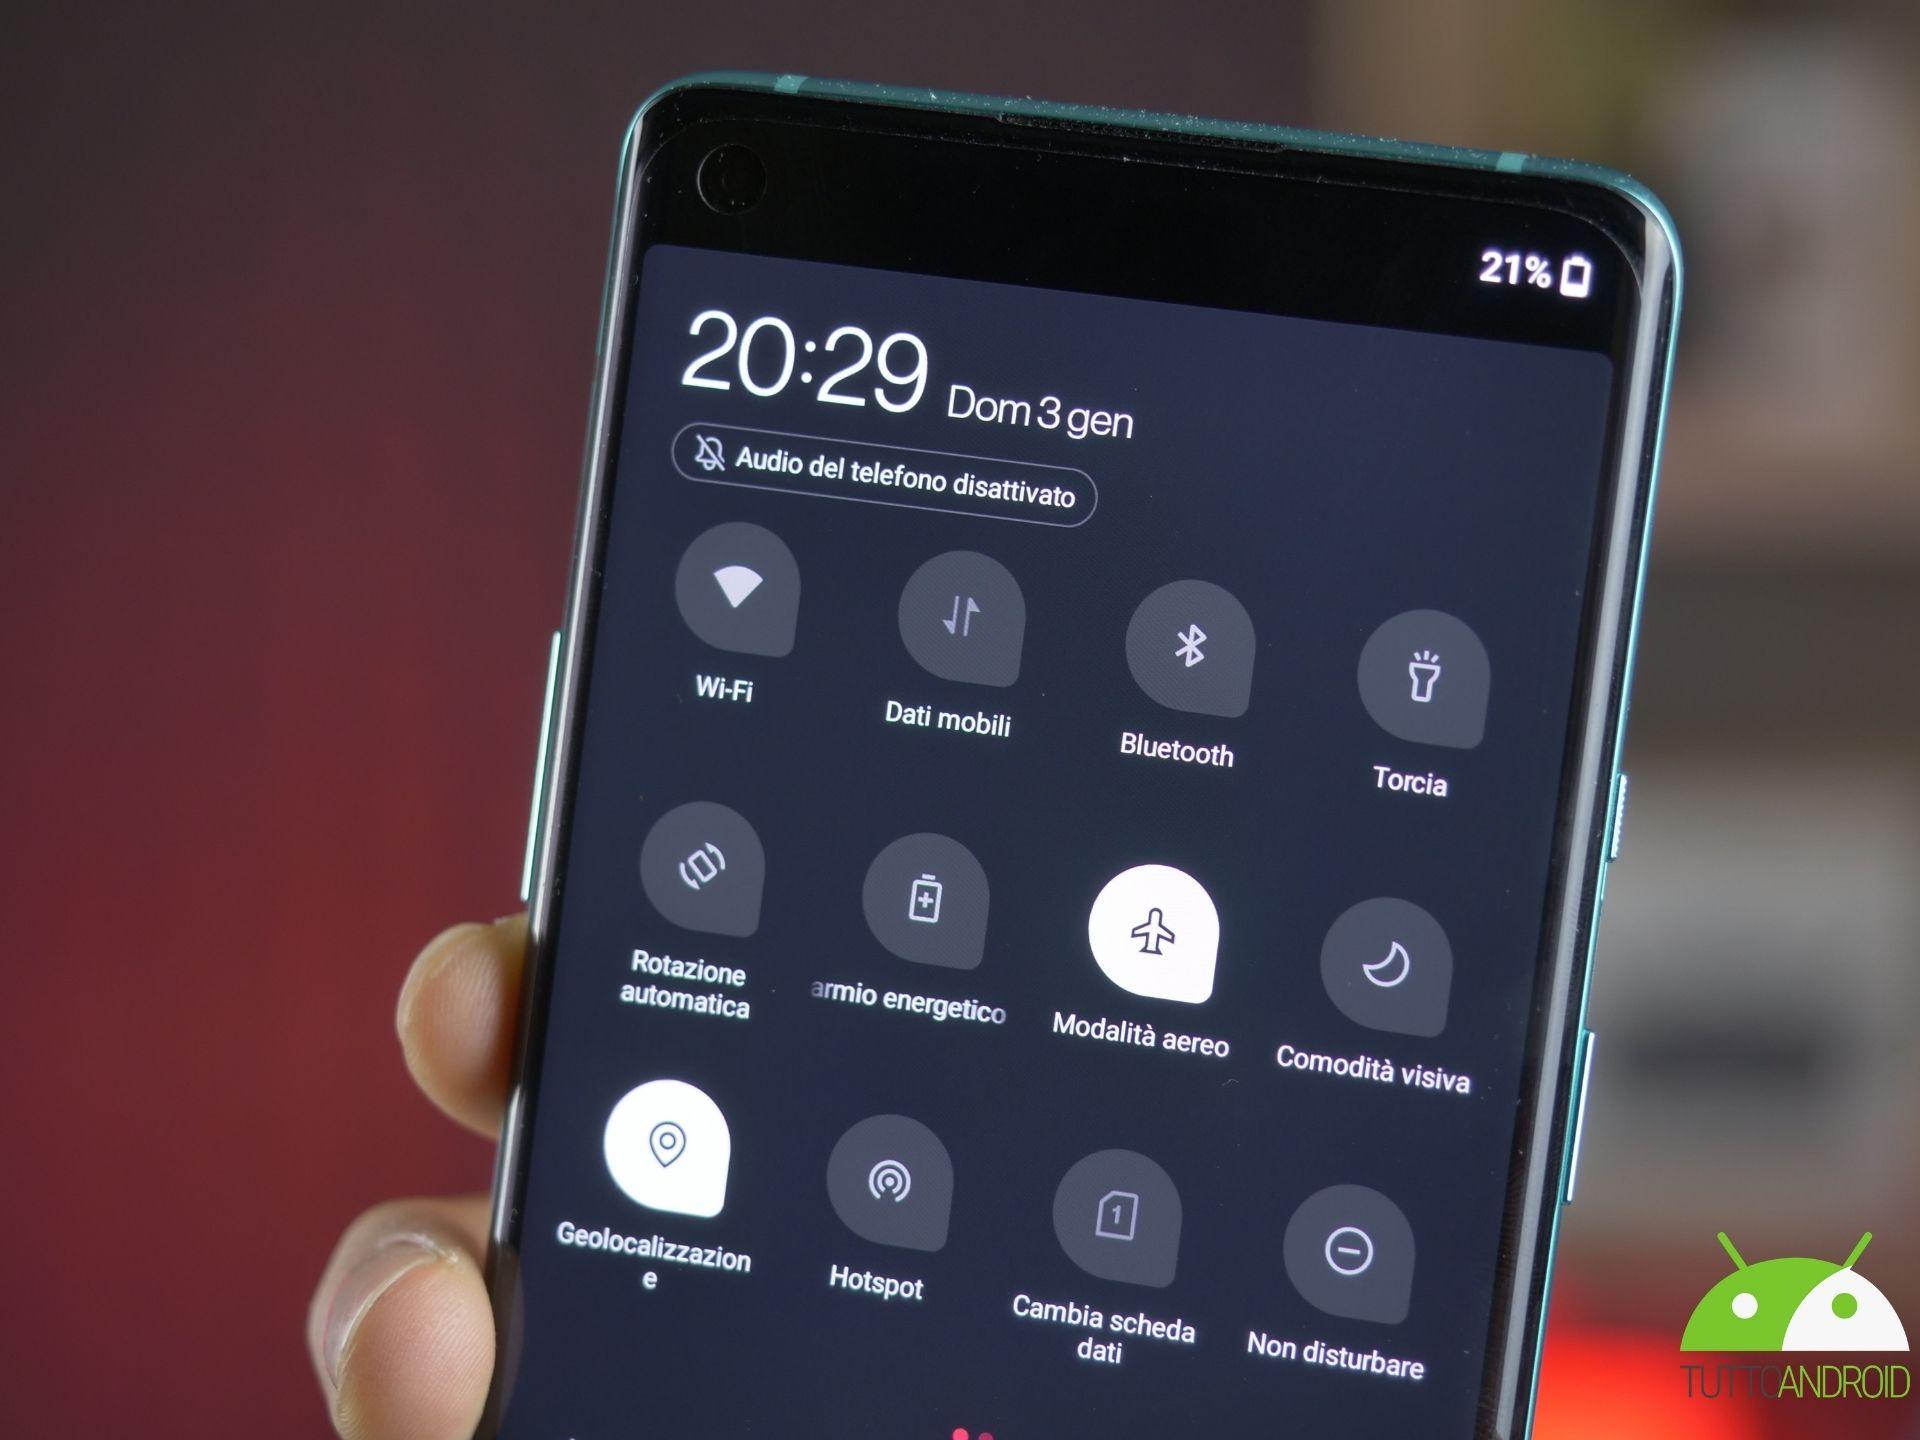 caricare-smartphone-correttamente-tta-4